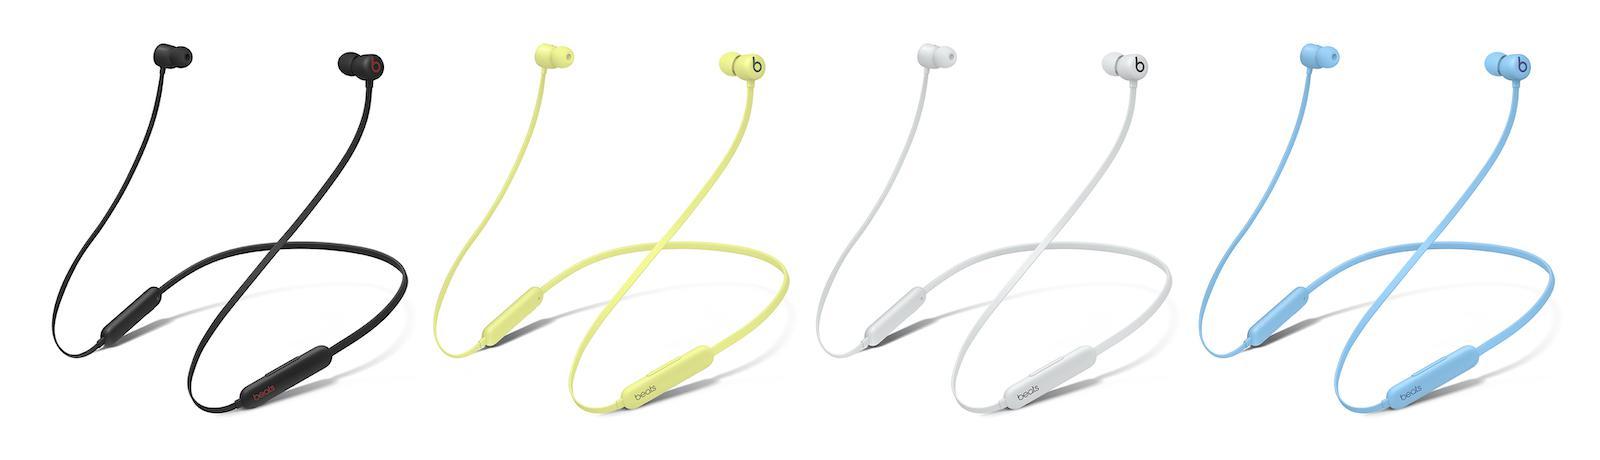 Beats Flex Wireless Earphone Colors